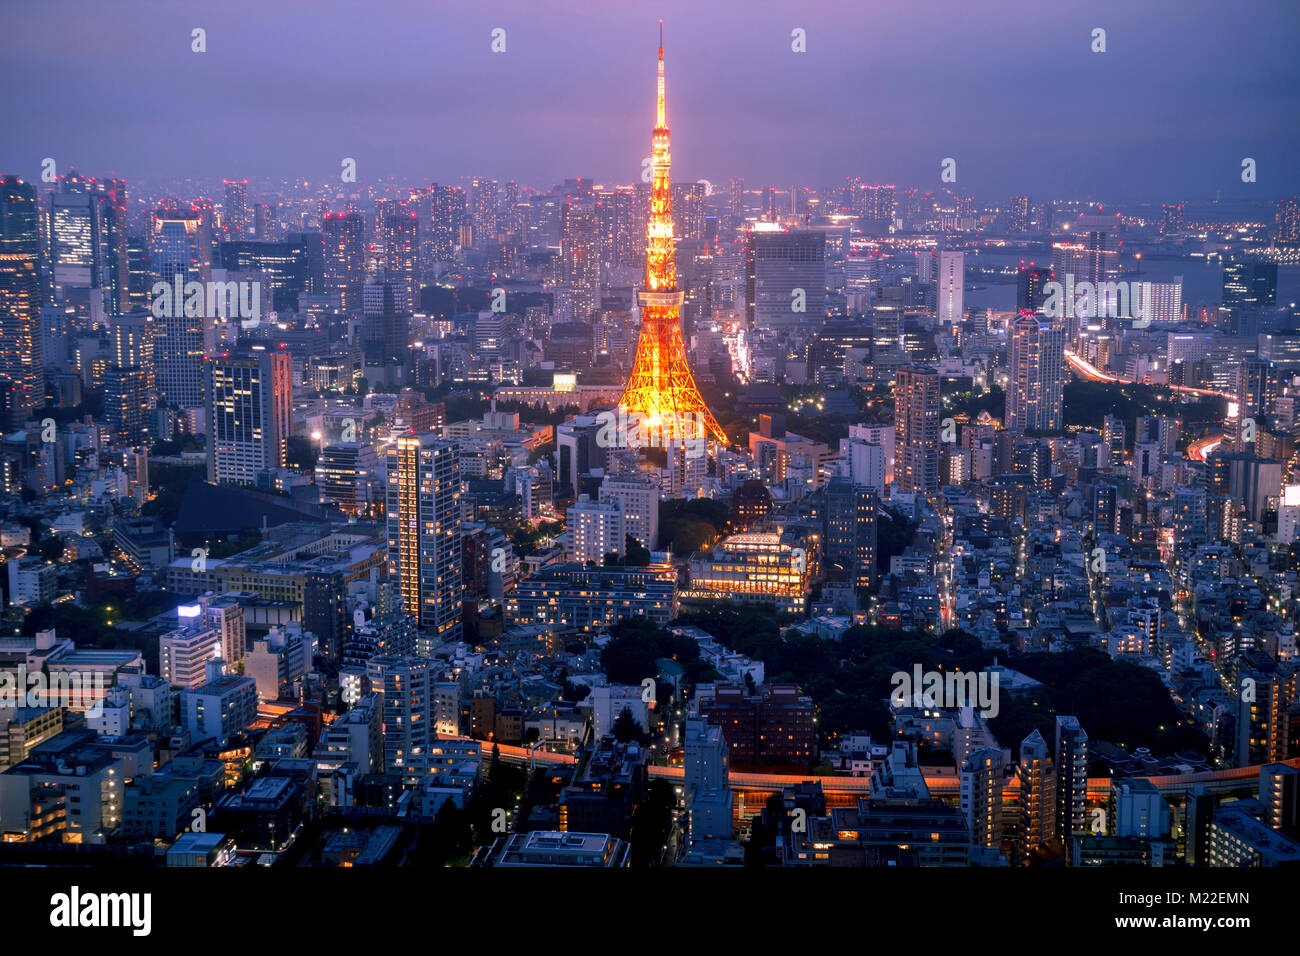 Horizonte de Tokio al atardecer, con la famosa torre de Tokyo. Foto de stock